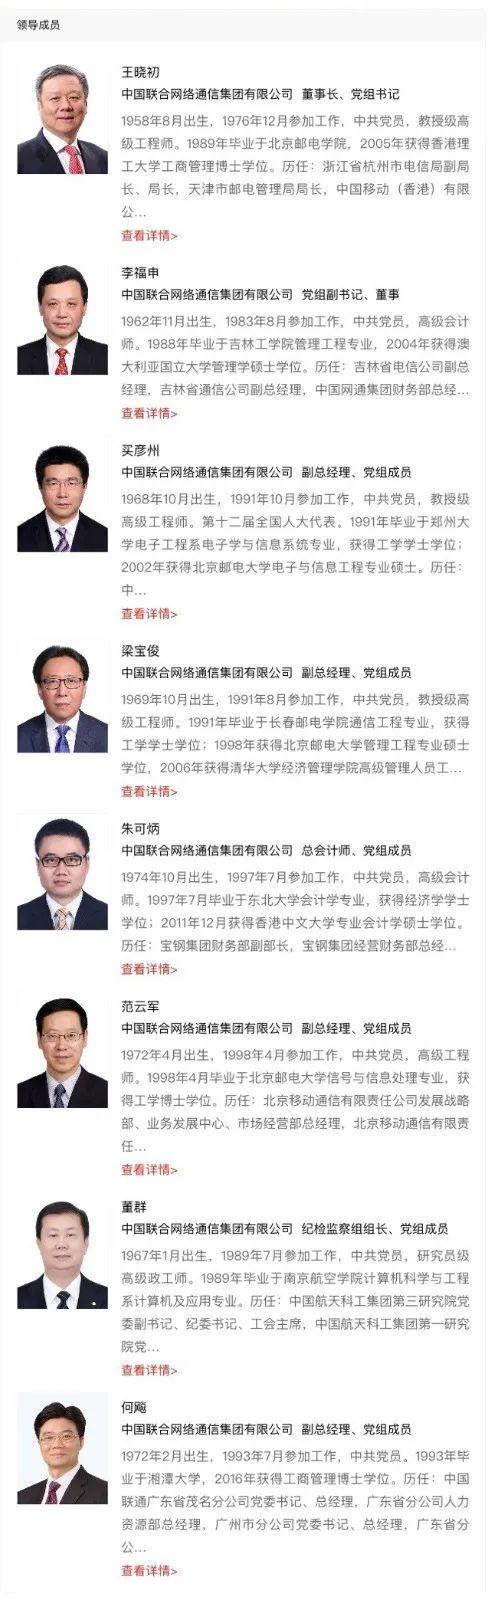 中国联通官网_人事任免 何飚升任中国联通副总经理【附联通领导班子】 中国